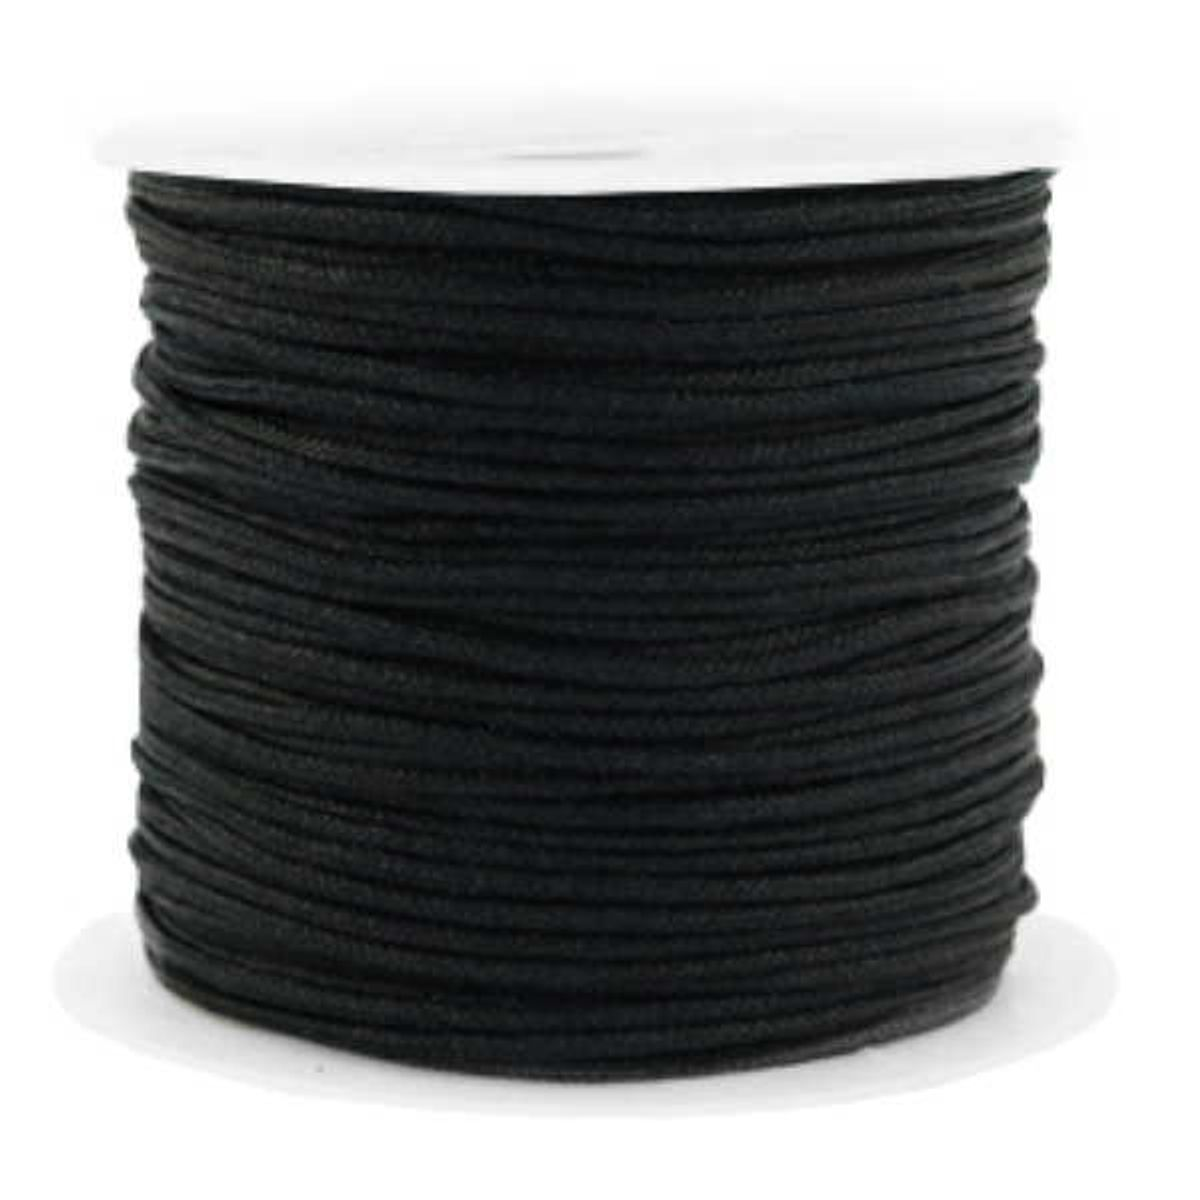 Nylonschnur schwarz - 90 Meter auf Rolle - 1,5 mm Stärke